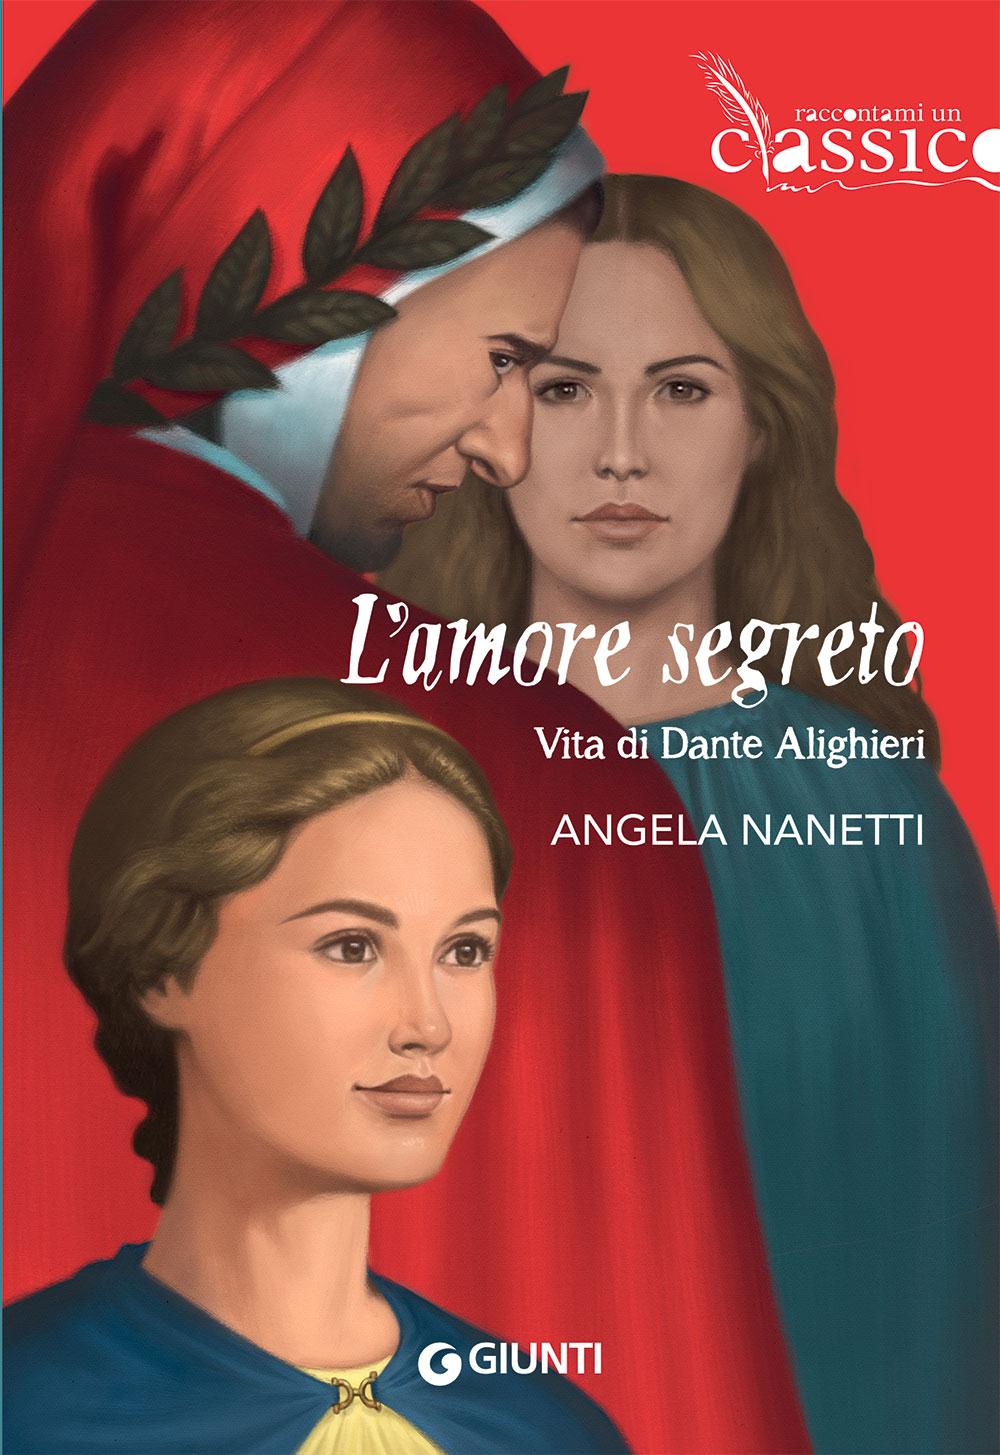 L'amore segreto. Vita di Dante Alighieri